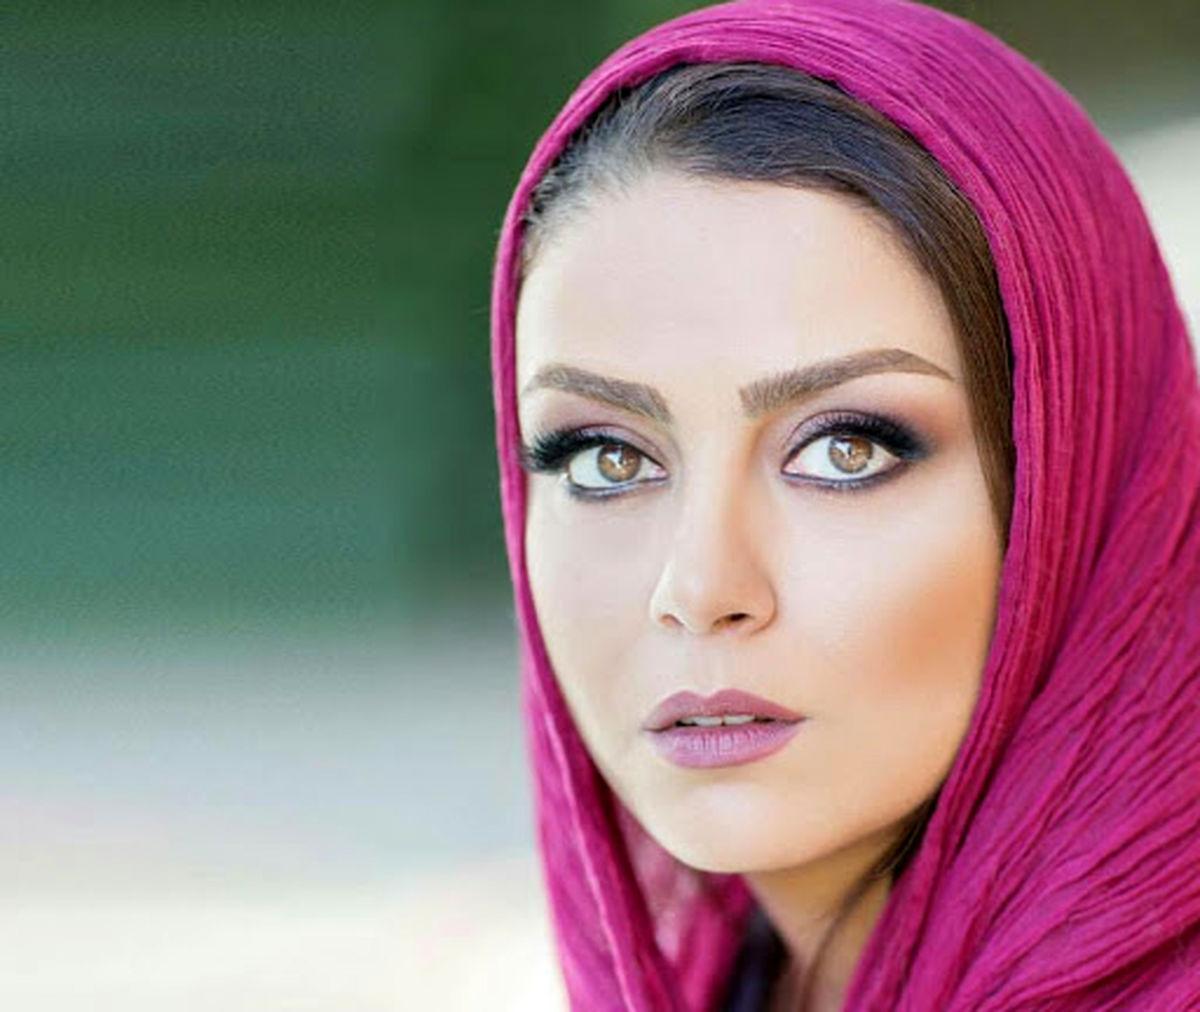 شبنم فرشادجو در قایق تفریحی جنجالی شد + عکس لورفته